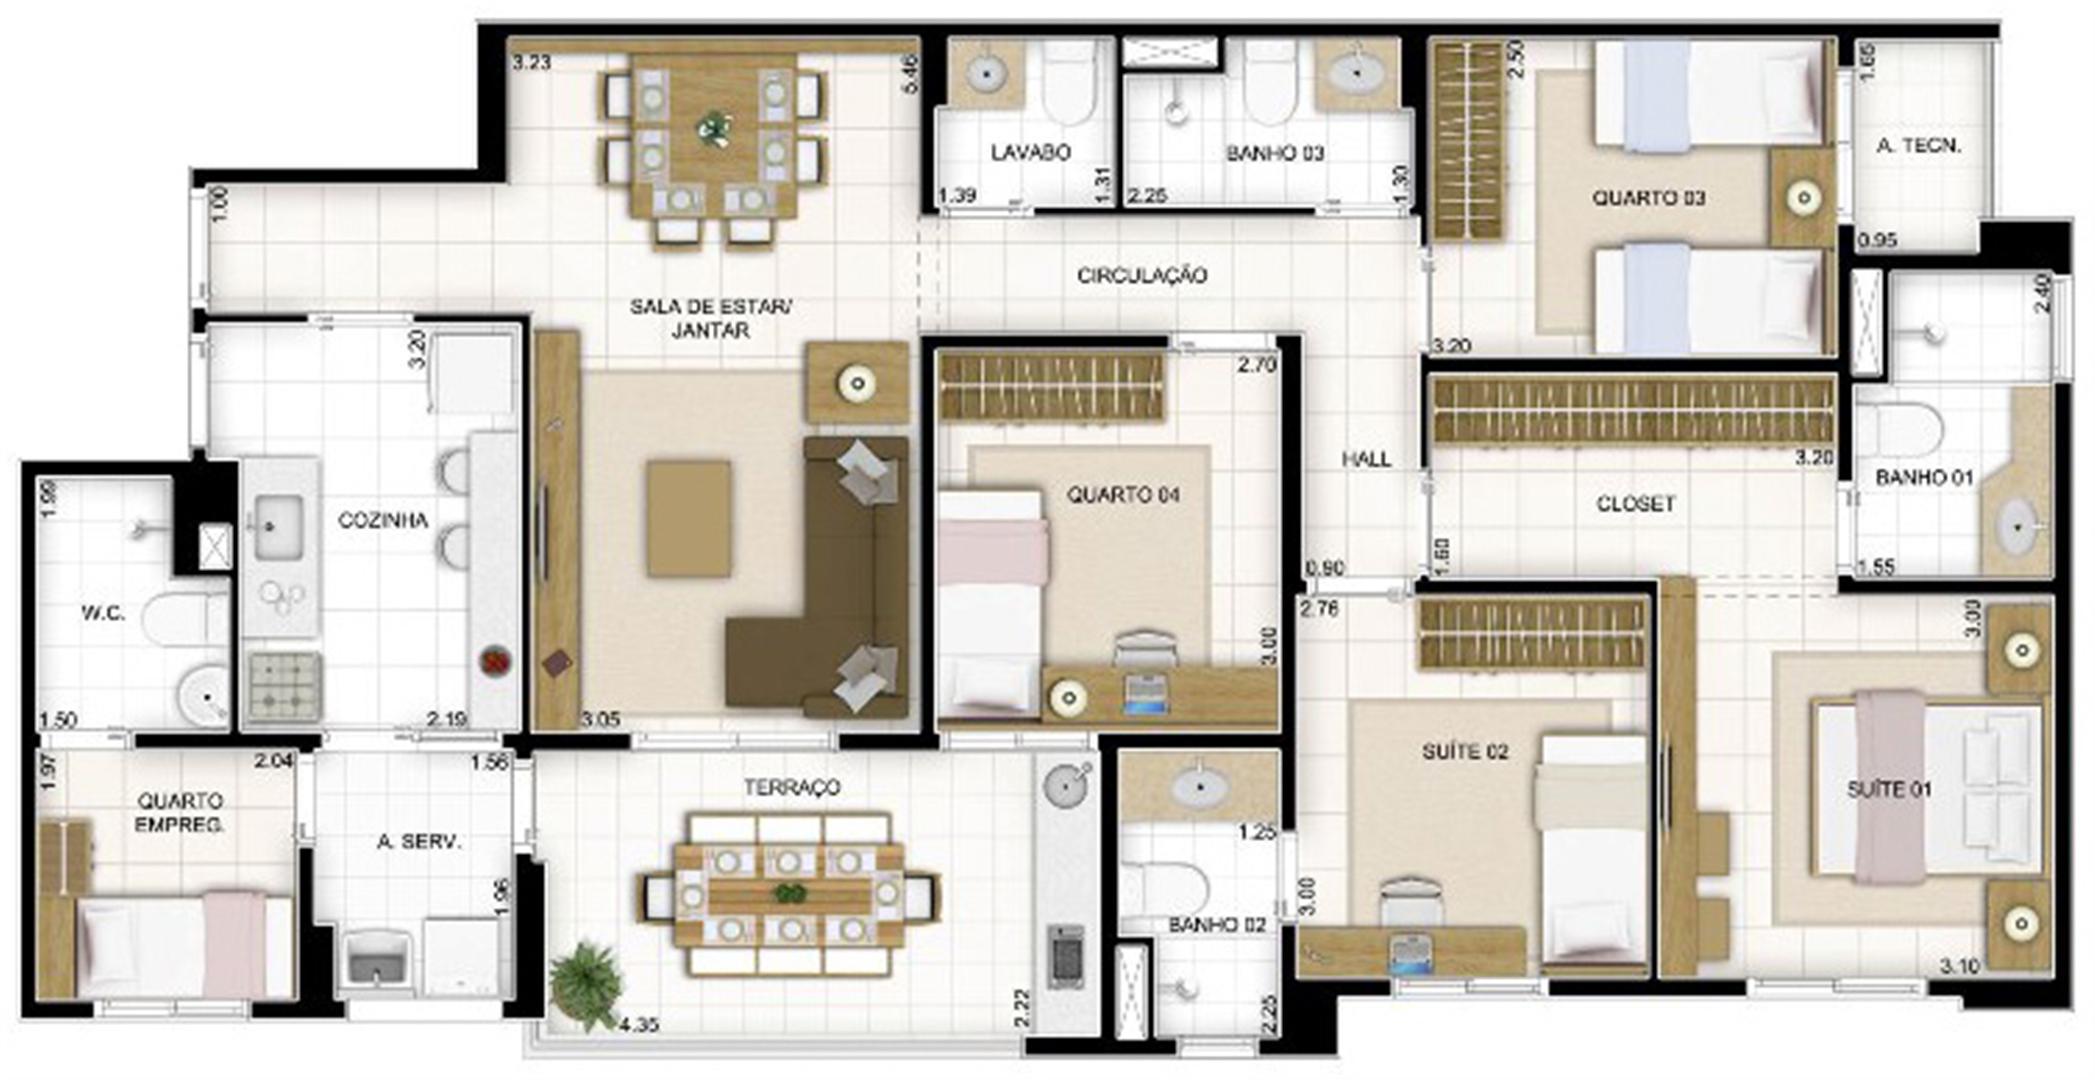 Planta Tipo 4 quartos 119 m²   Quartier Lagoa Nova – Apartamento na  Lagoa Nova - Natal - Rio Grande do Norte